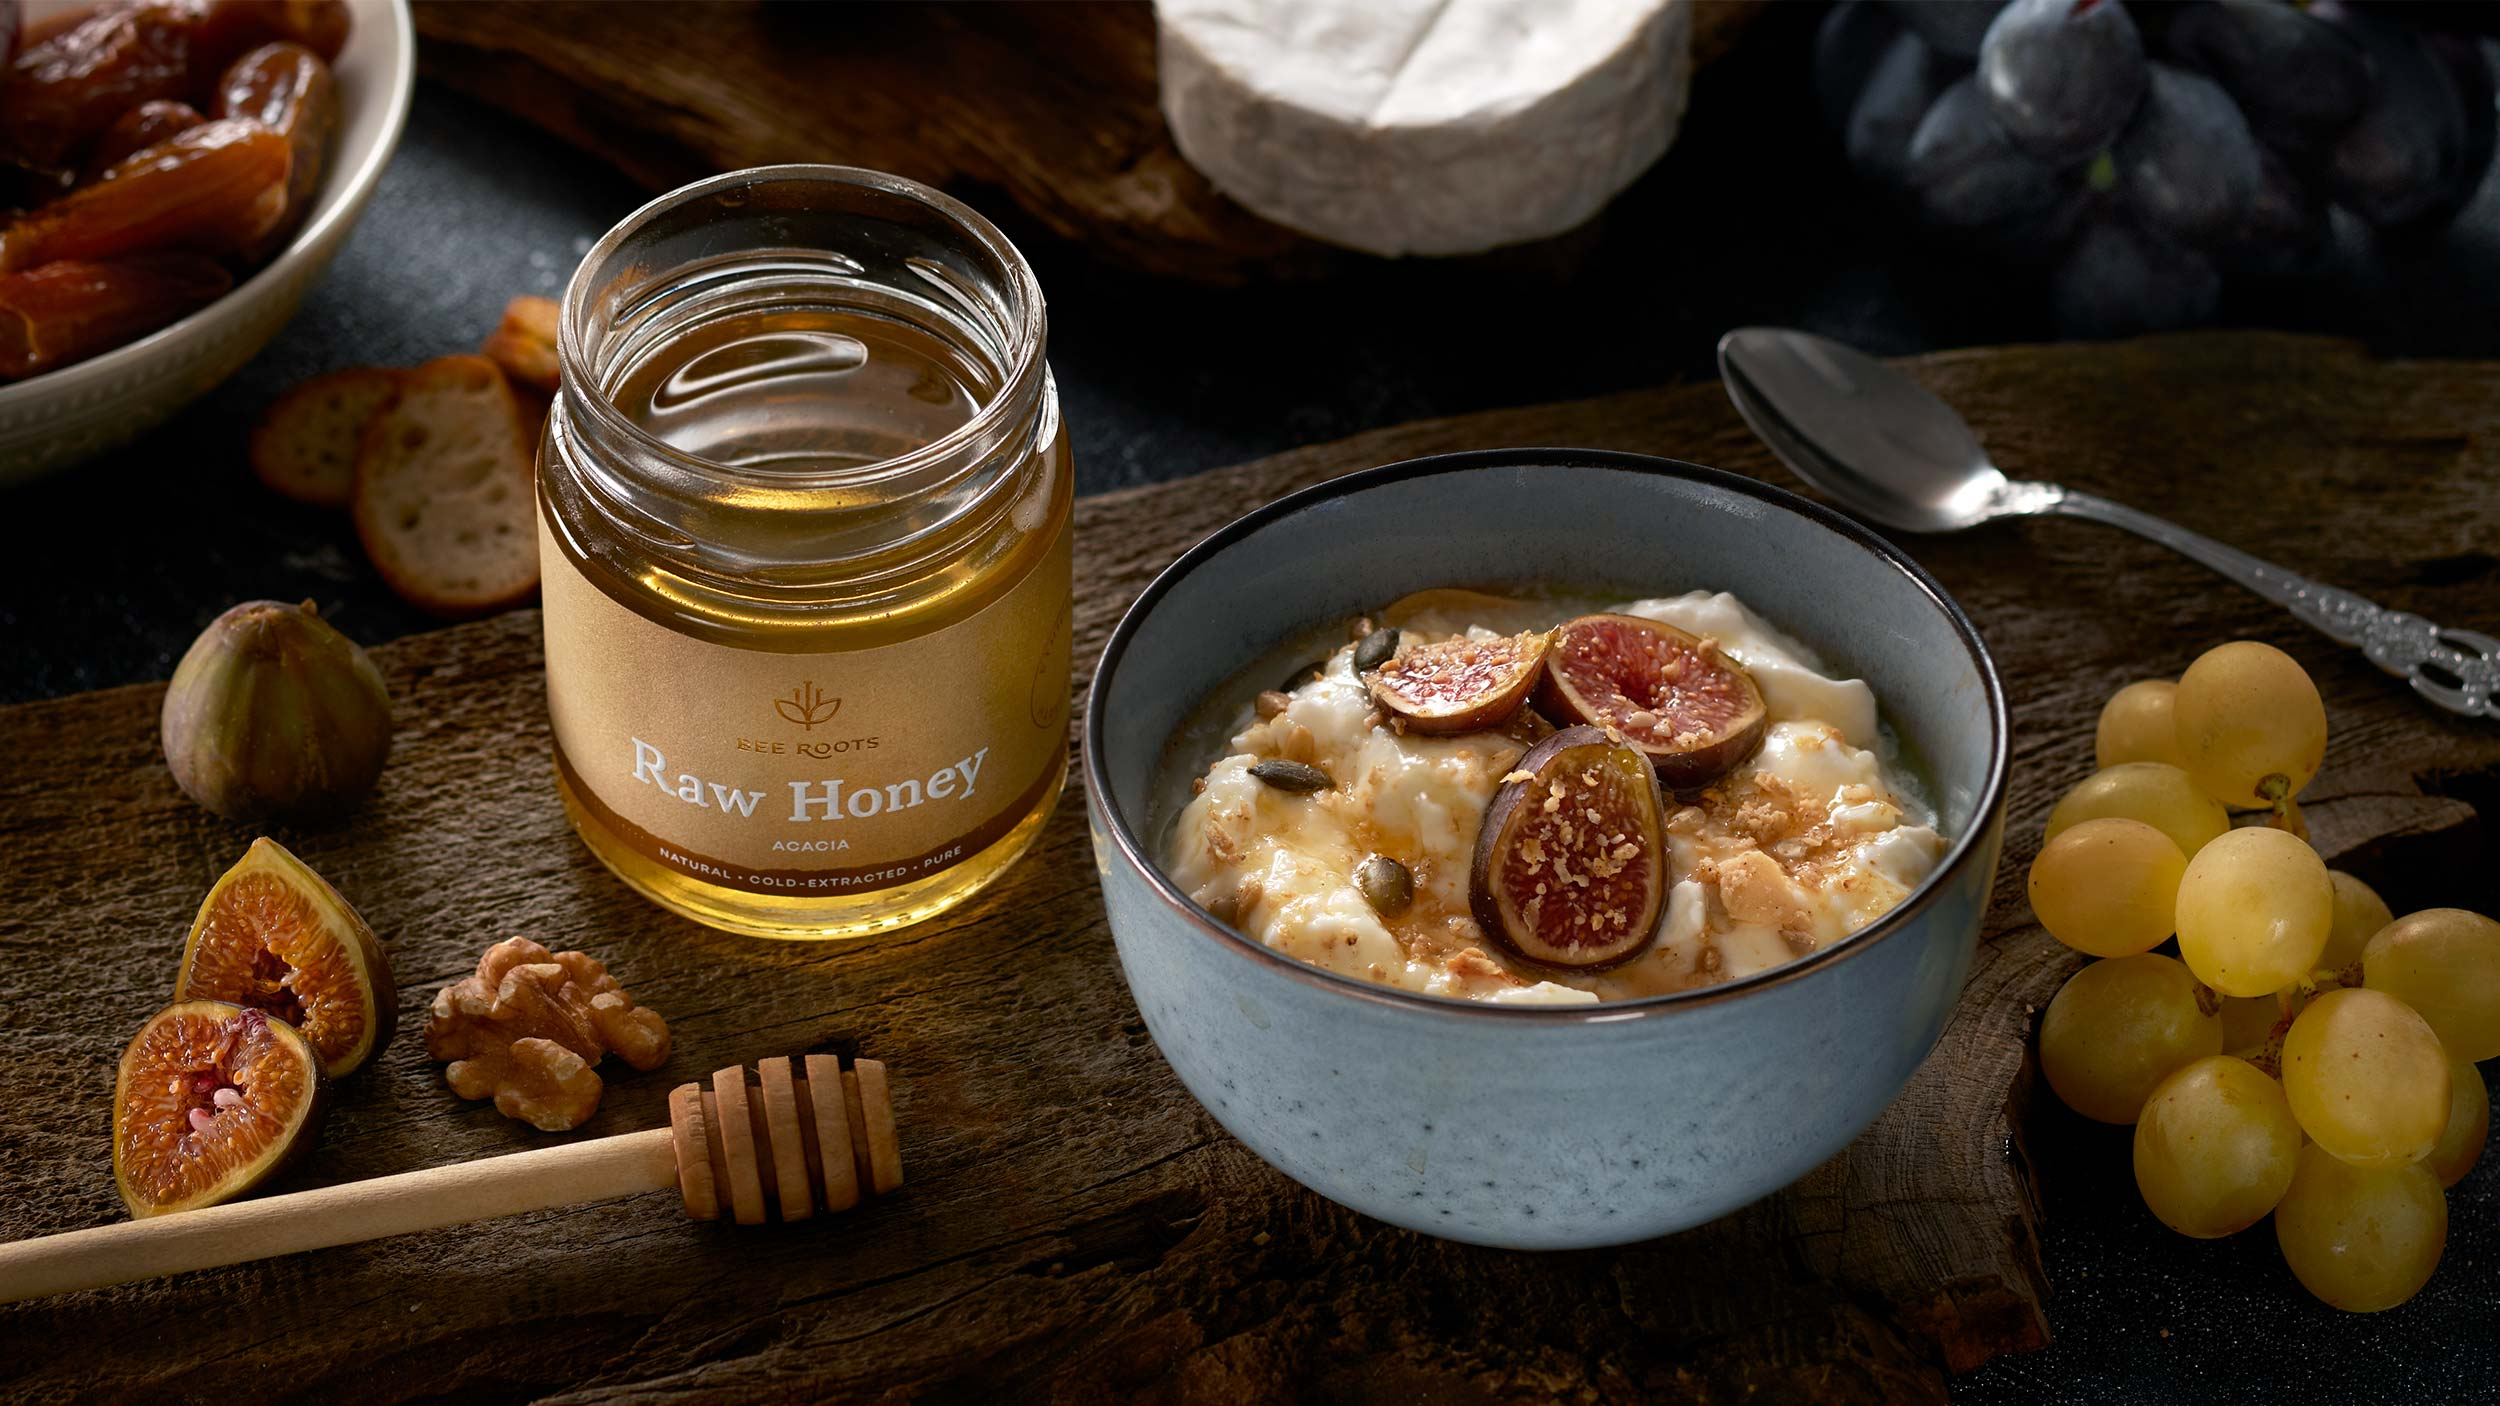 Acacia honey next to bowl of porridge